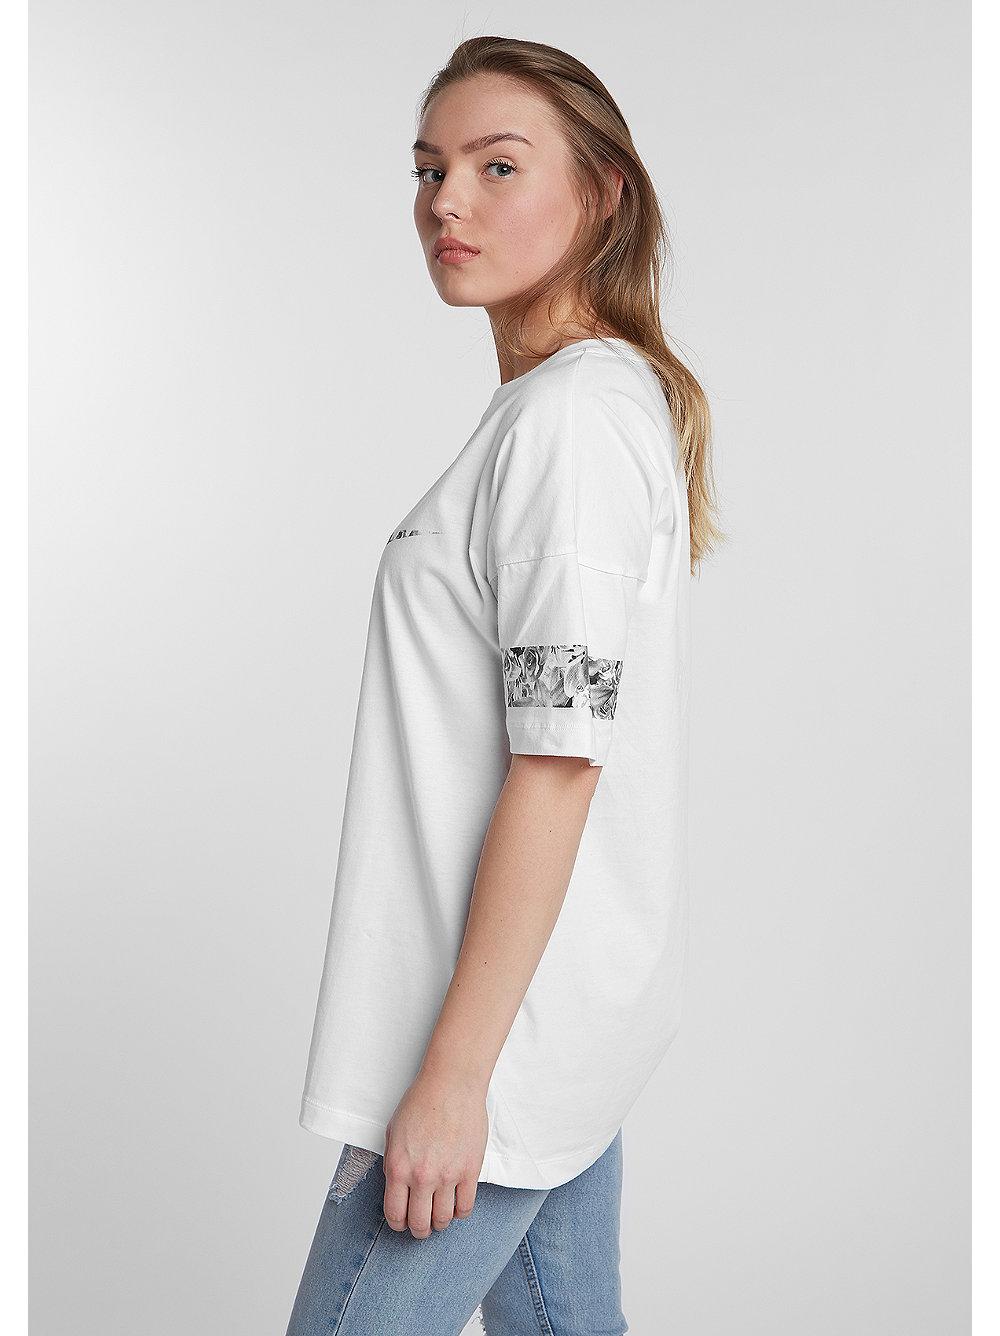 T Shirt Druck Heilbronn Snipes T Shirt Herren